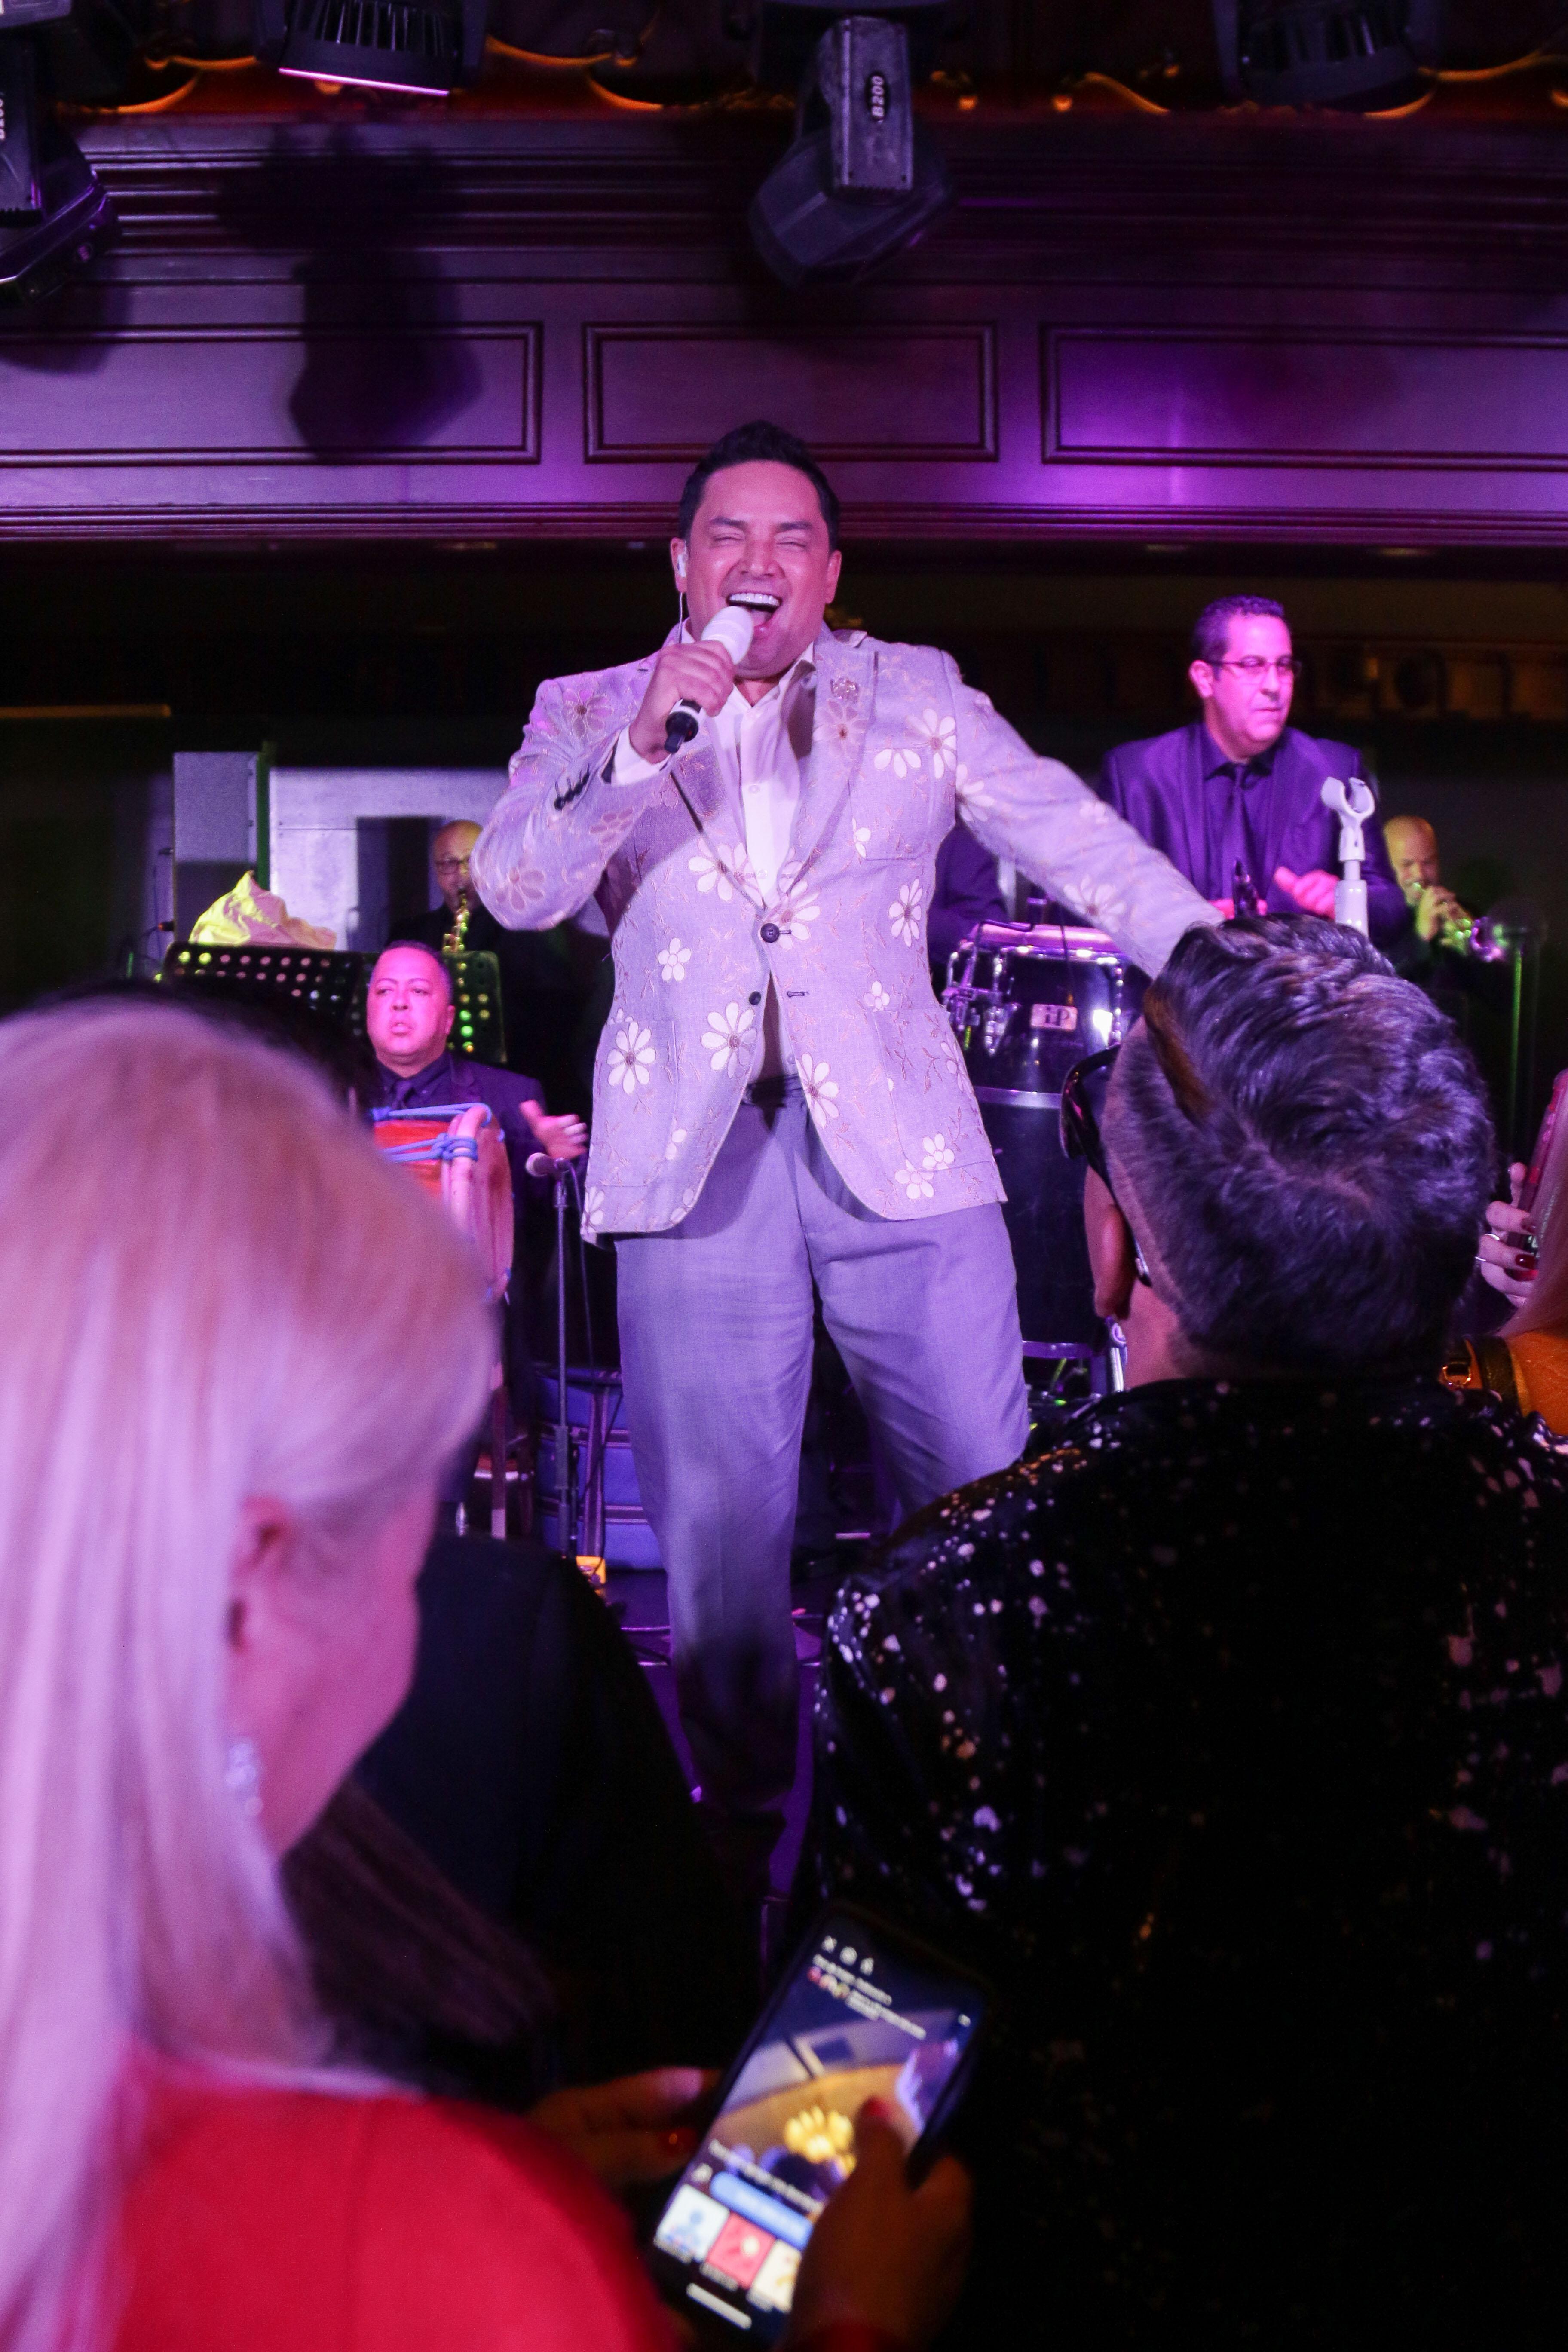 Los invitados le dieron la bienvenida al 2020 al ritmo de la música de Manny Manuel. (Suministrada)